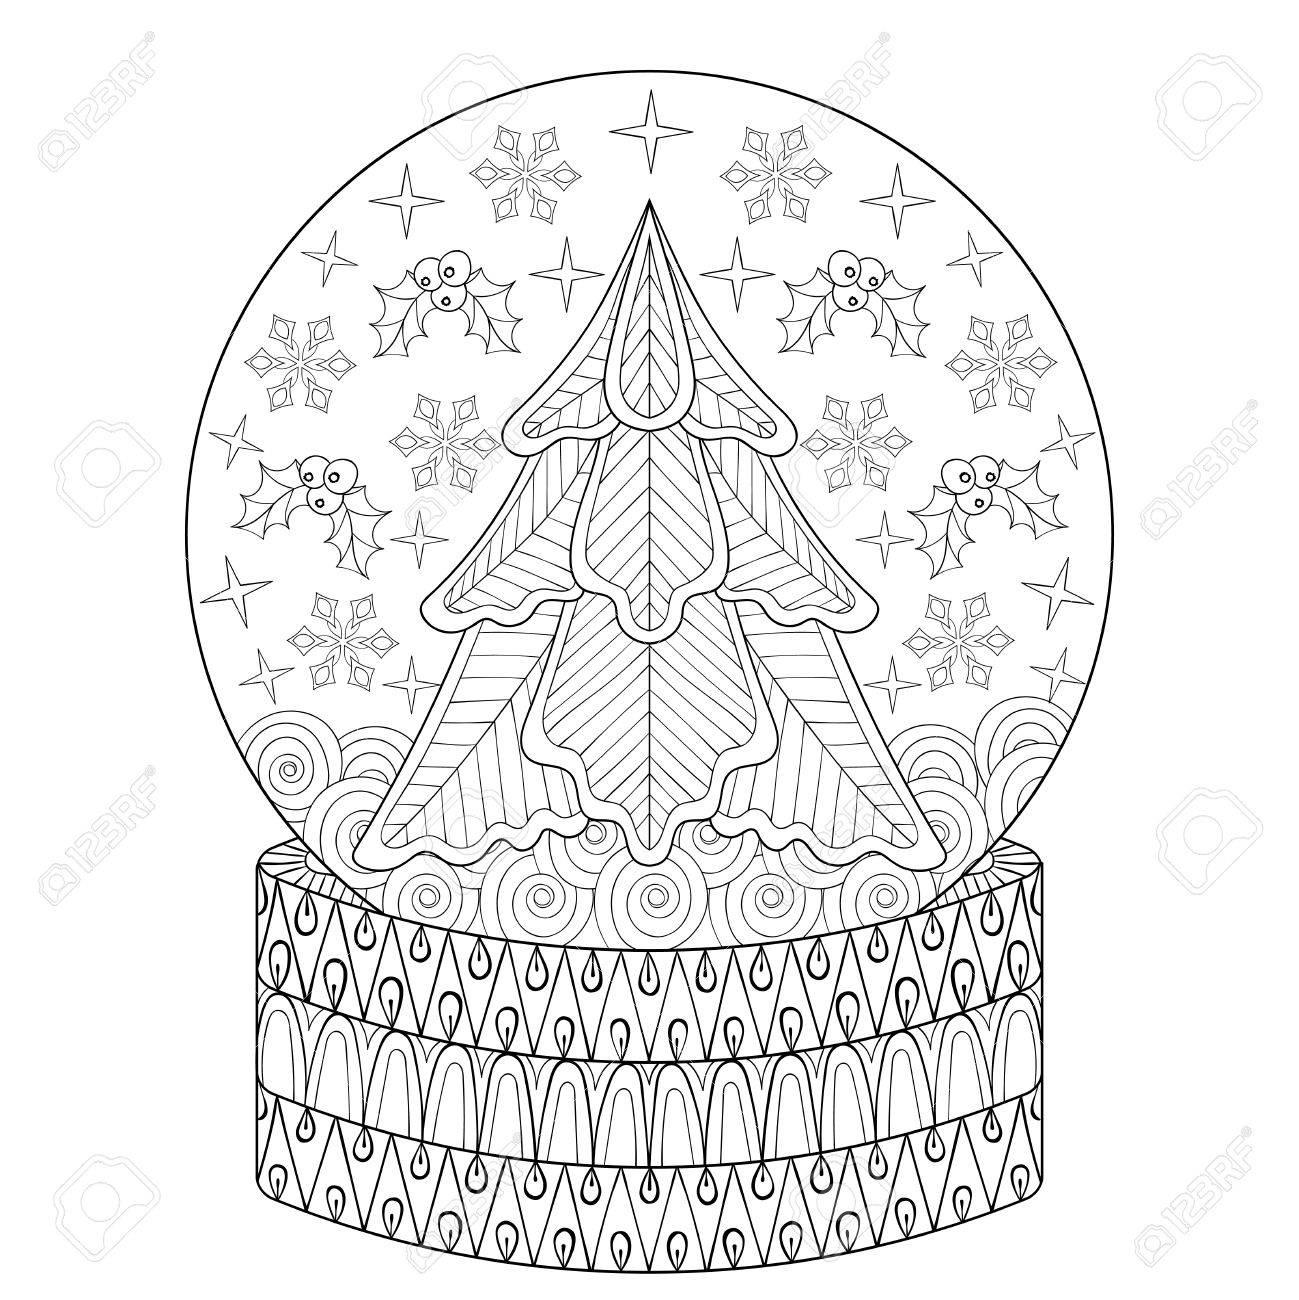 Ausmalbilder Zum Drucken Christmas Ausmalbilder Weihnachten Fur